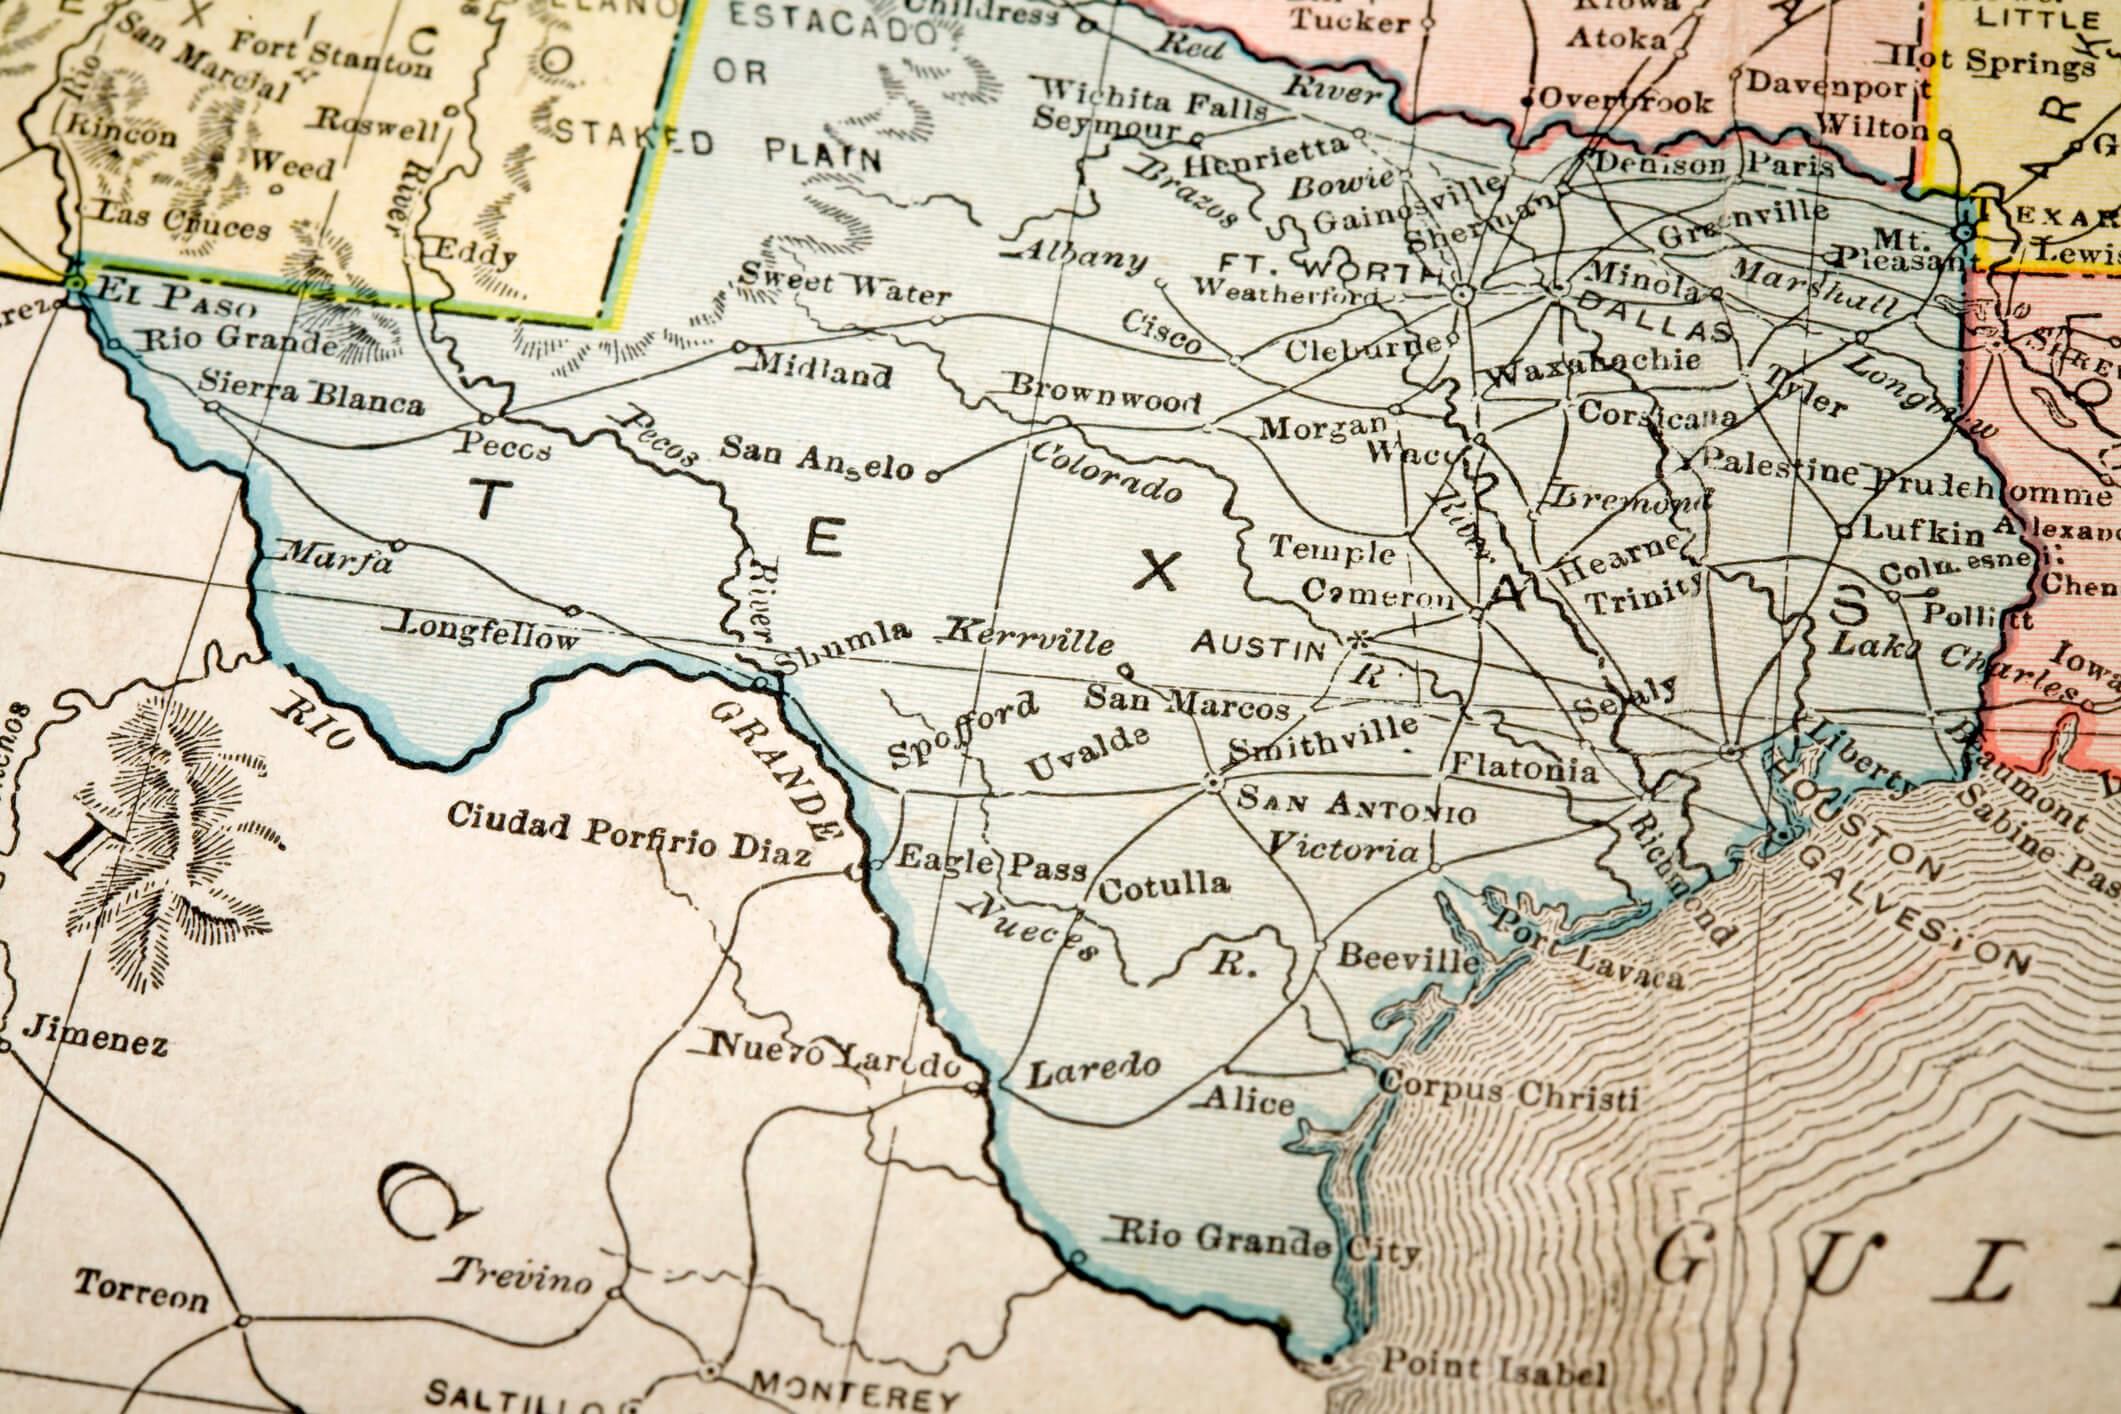 curiosidades sobre o texas